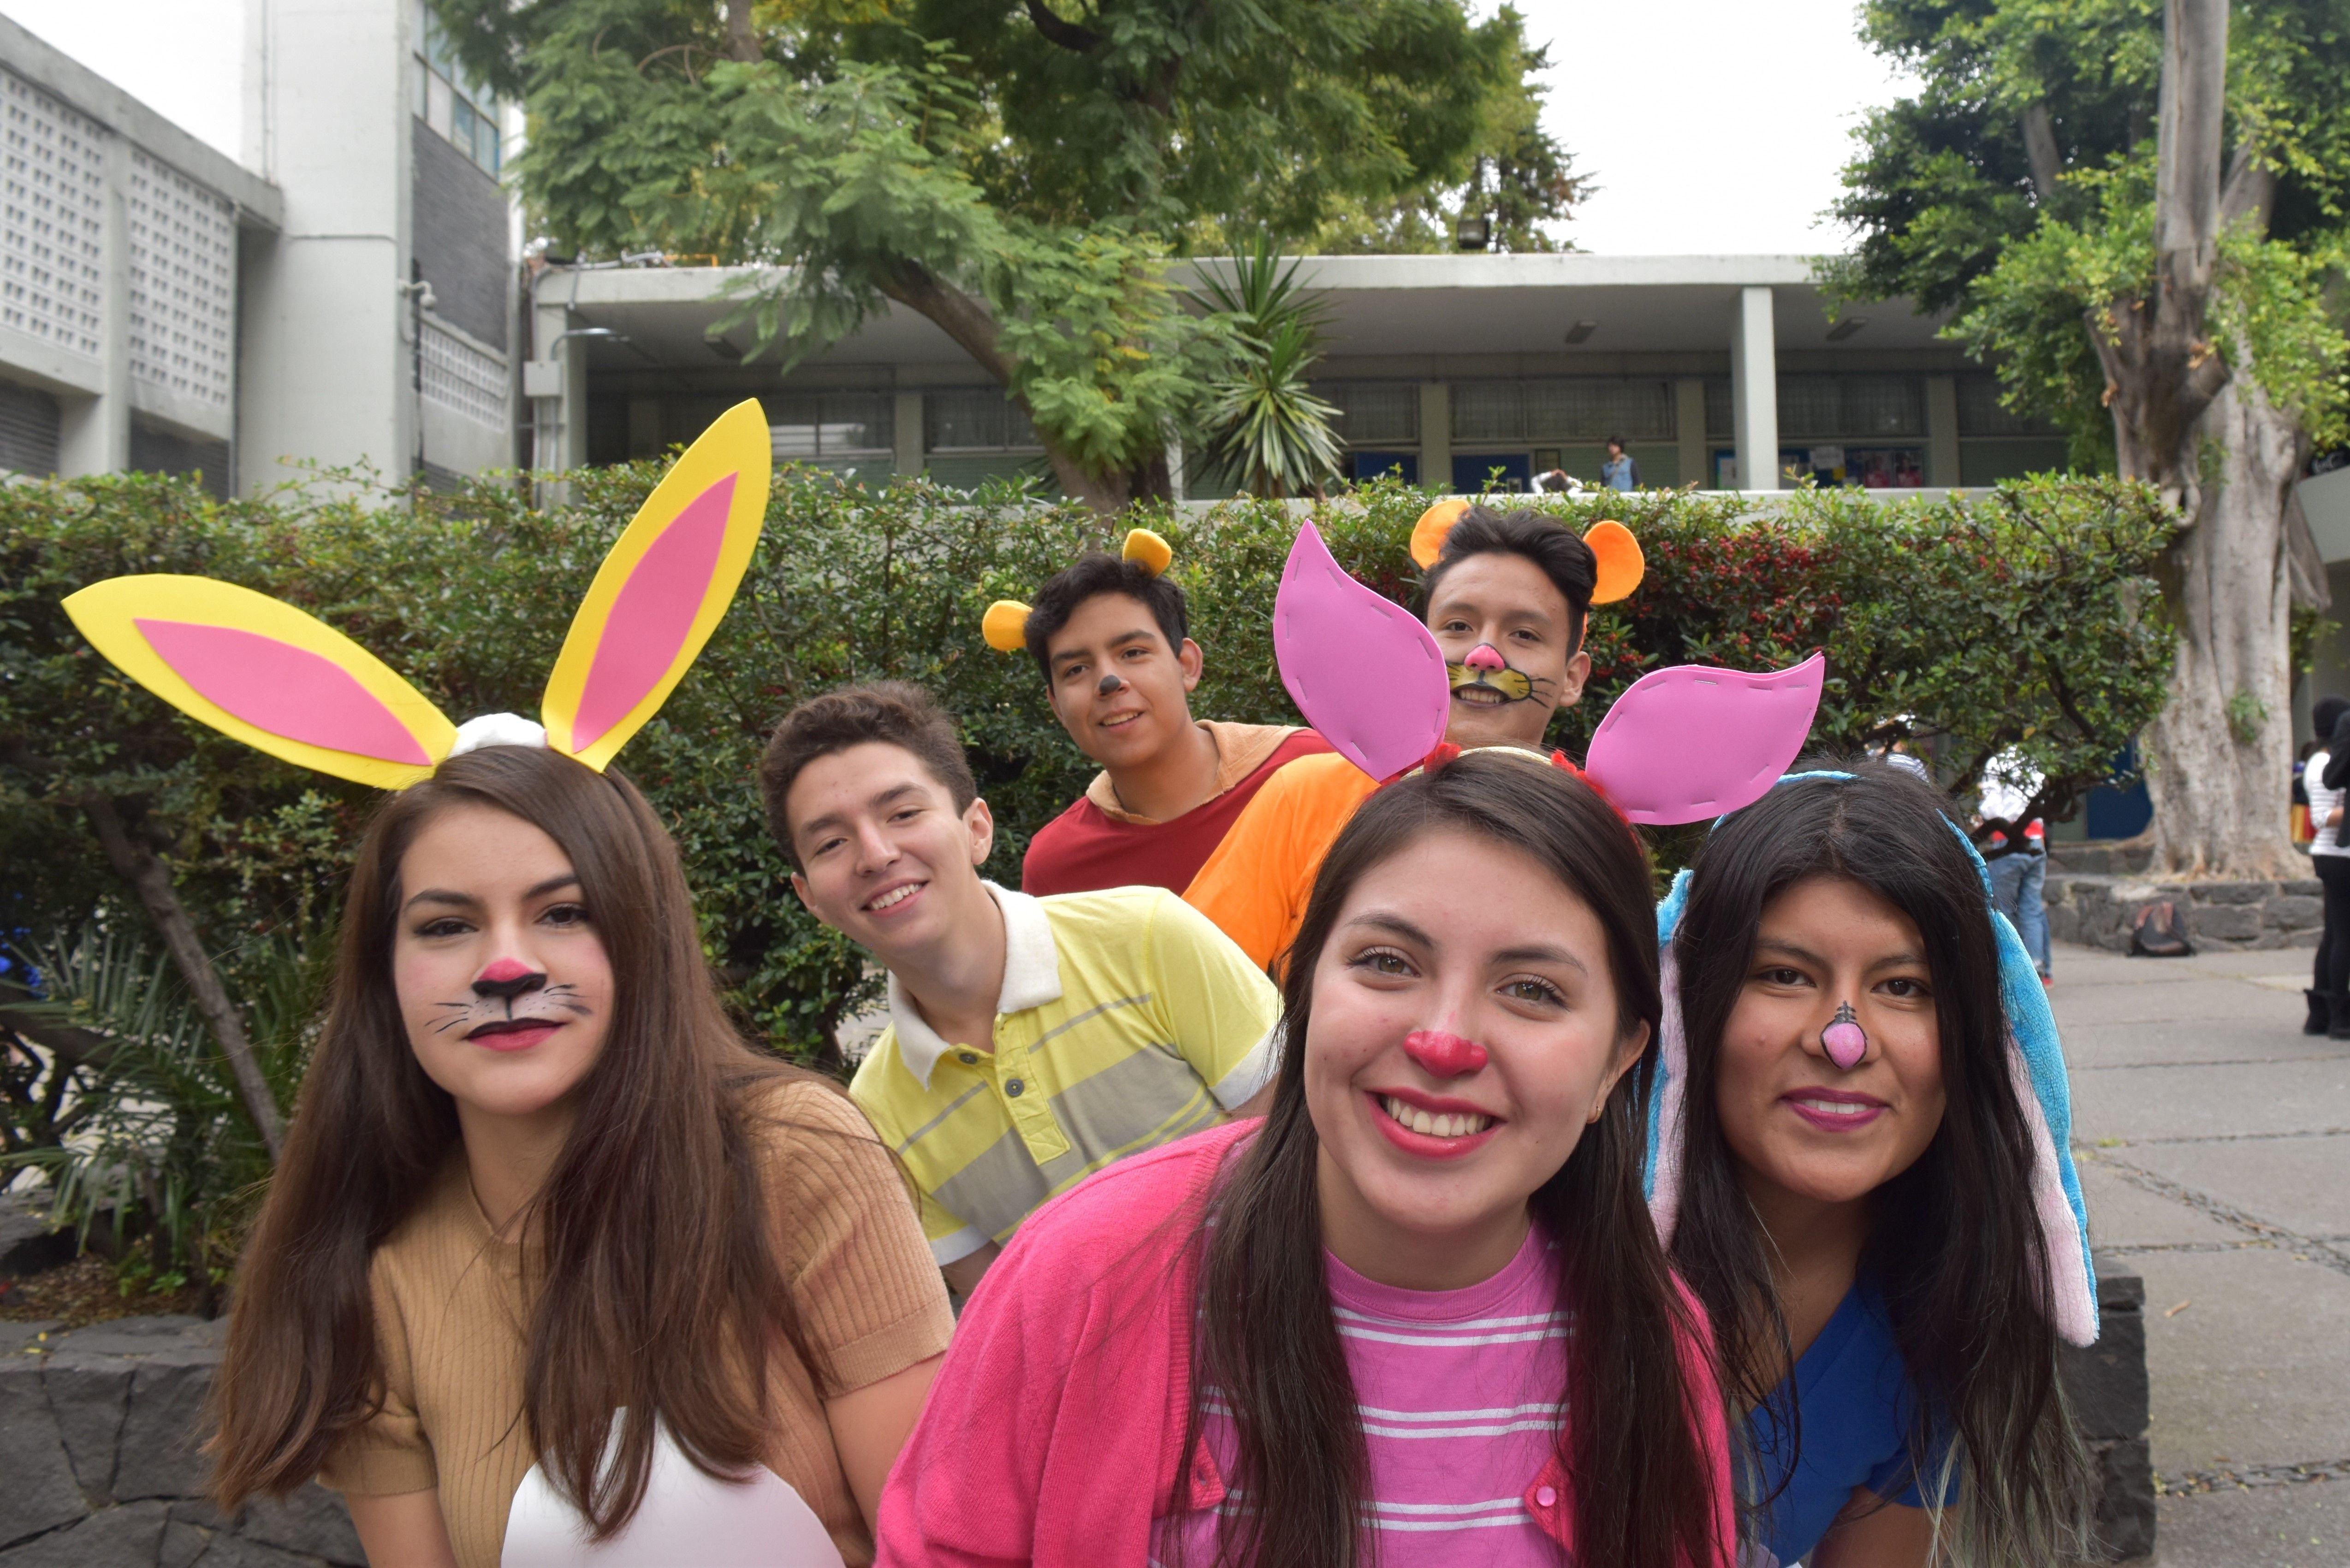 Autor: Estrada Medina Ana Laura Título: Winnie Pooh ISO: 400 Apertura de diafragma: f/8 Velocidad de obturacion: 1/250